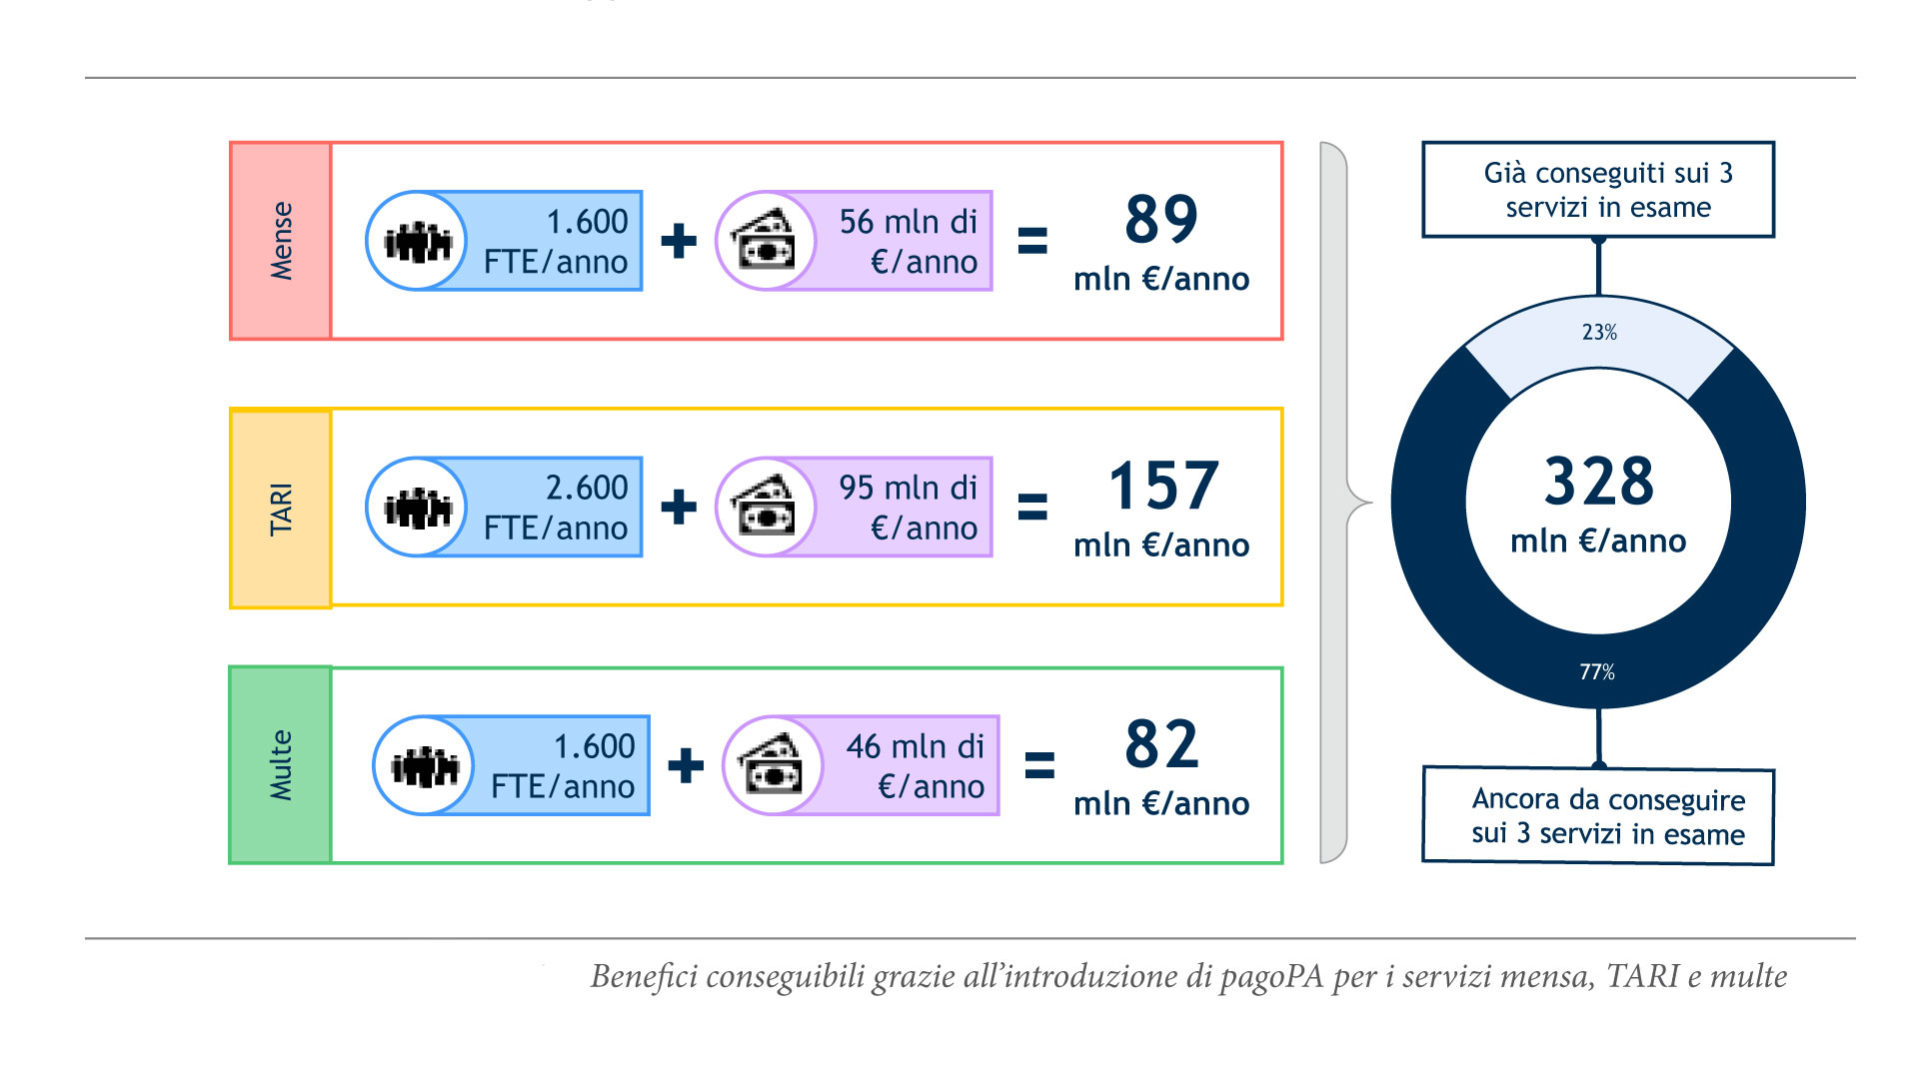 grafico che mostra i Benefici conseguibili grazie all'introduzione di pagoPA per i servizi mensa, TARI e multe